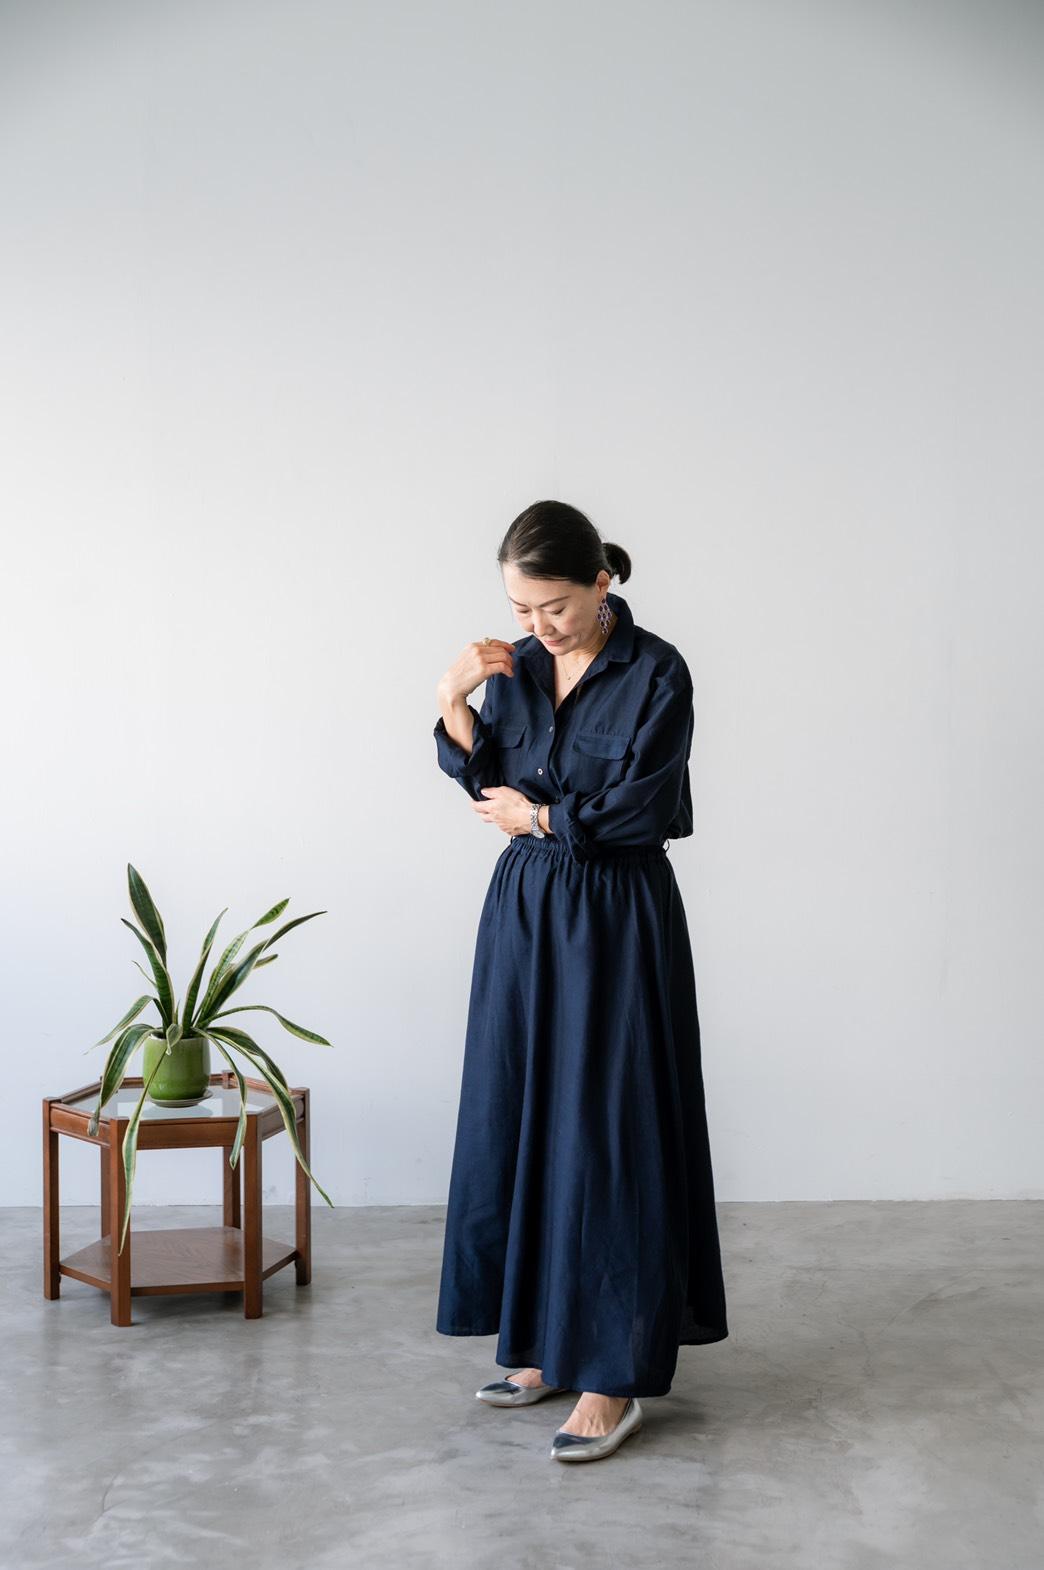 「満足感」が支えるサステナブルな消費とファッション